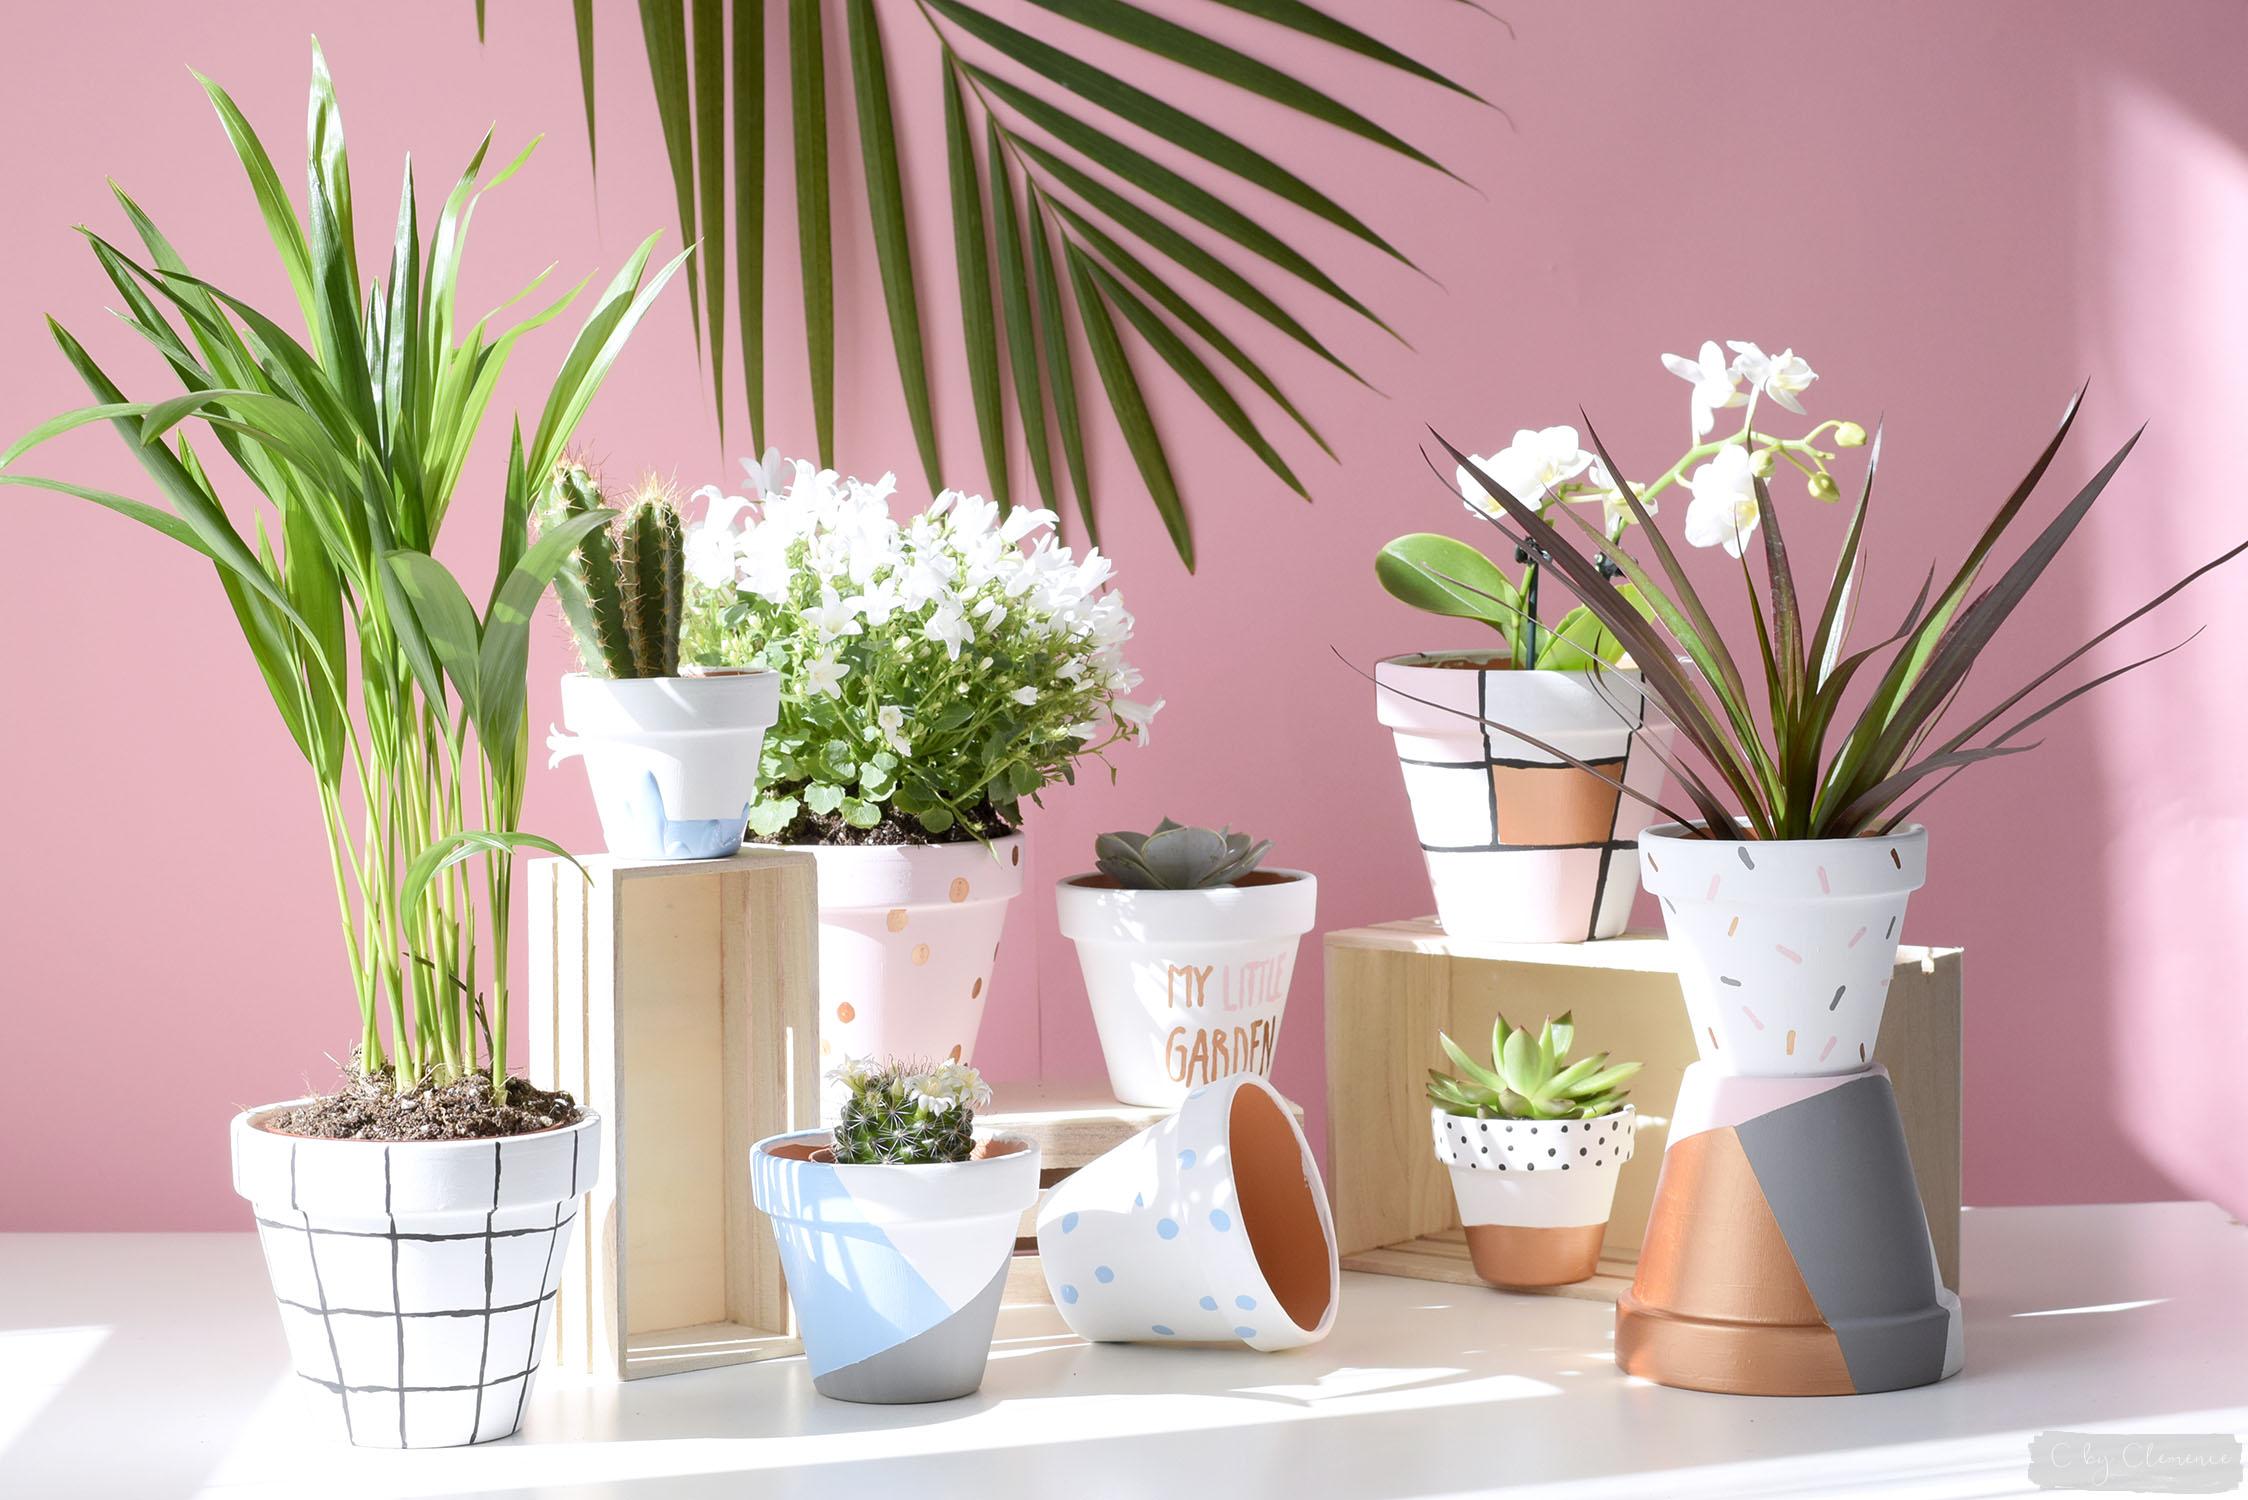 Idee Deco Petit Jardin déco : diy petits pots de fleurs graphiques - cclemence